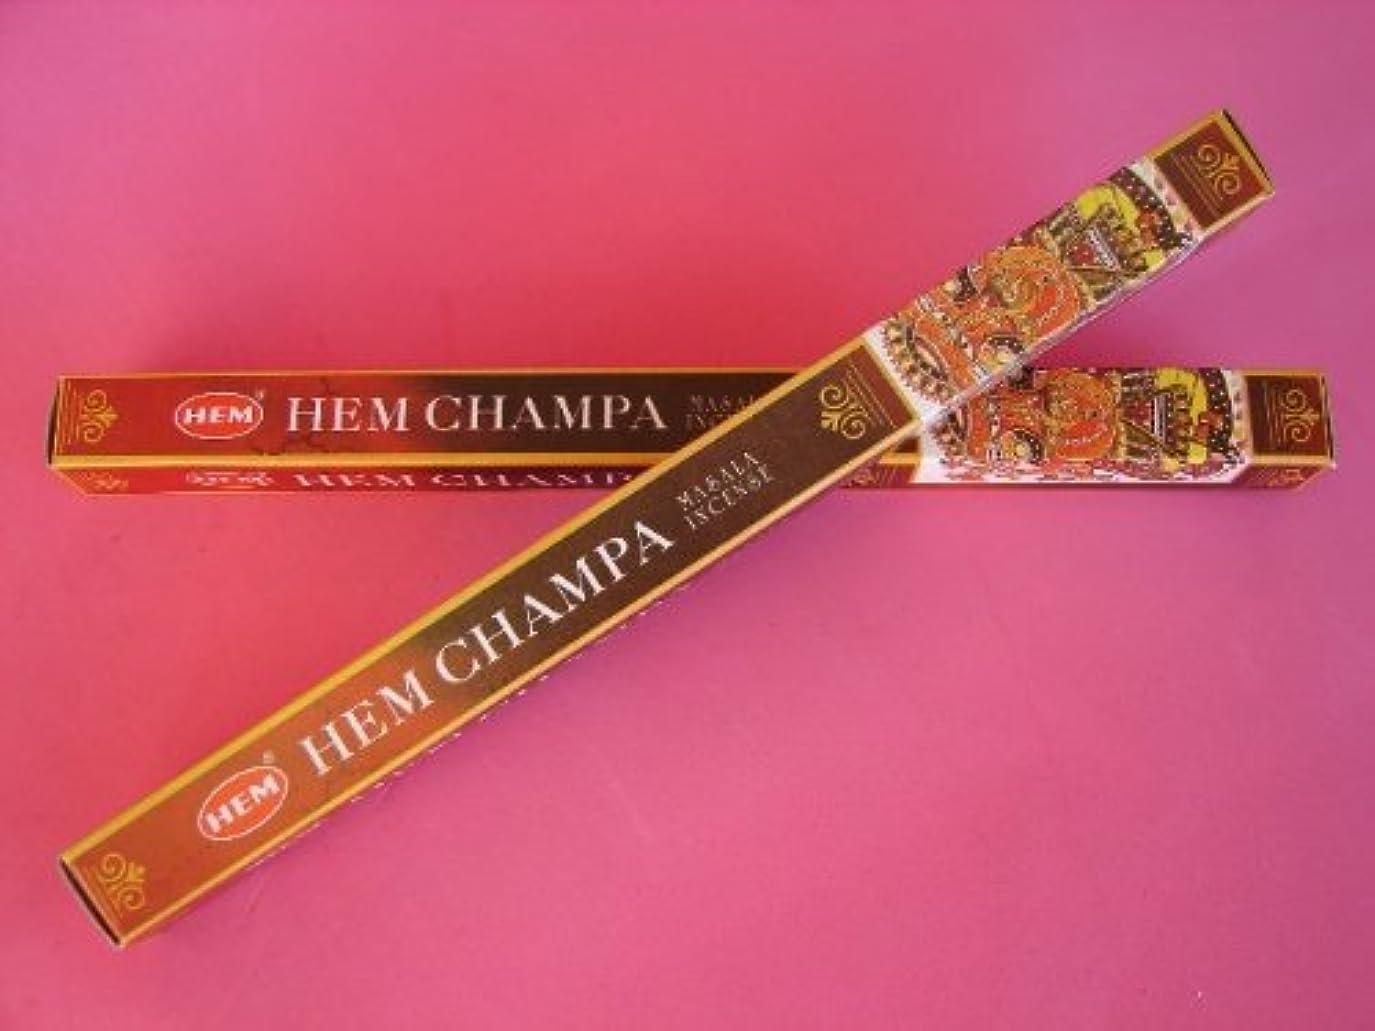 オデュッセウス標準探偵4 Boxes of HEM CHAMPA Incense Sticks